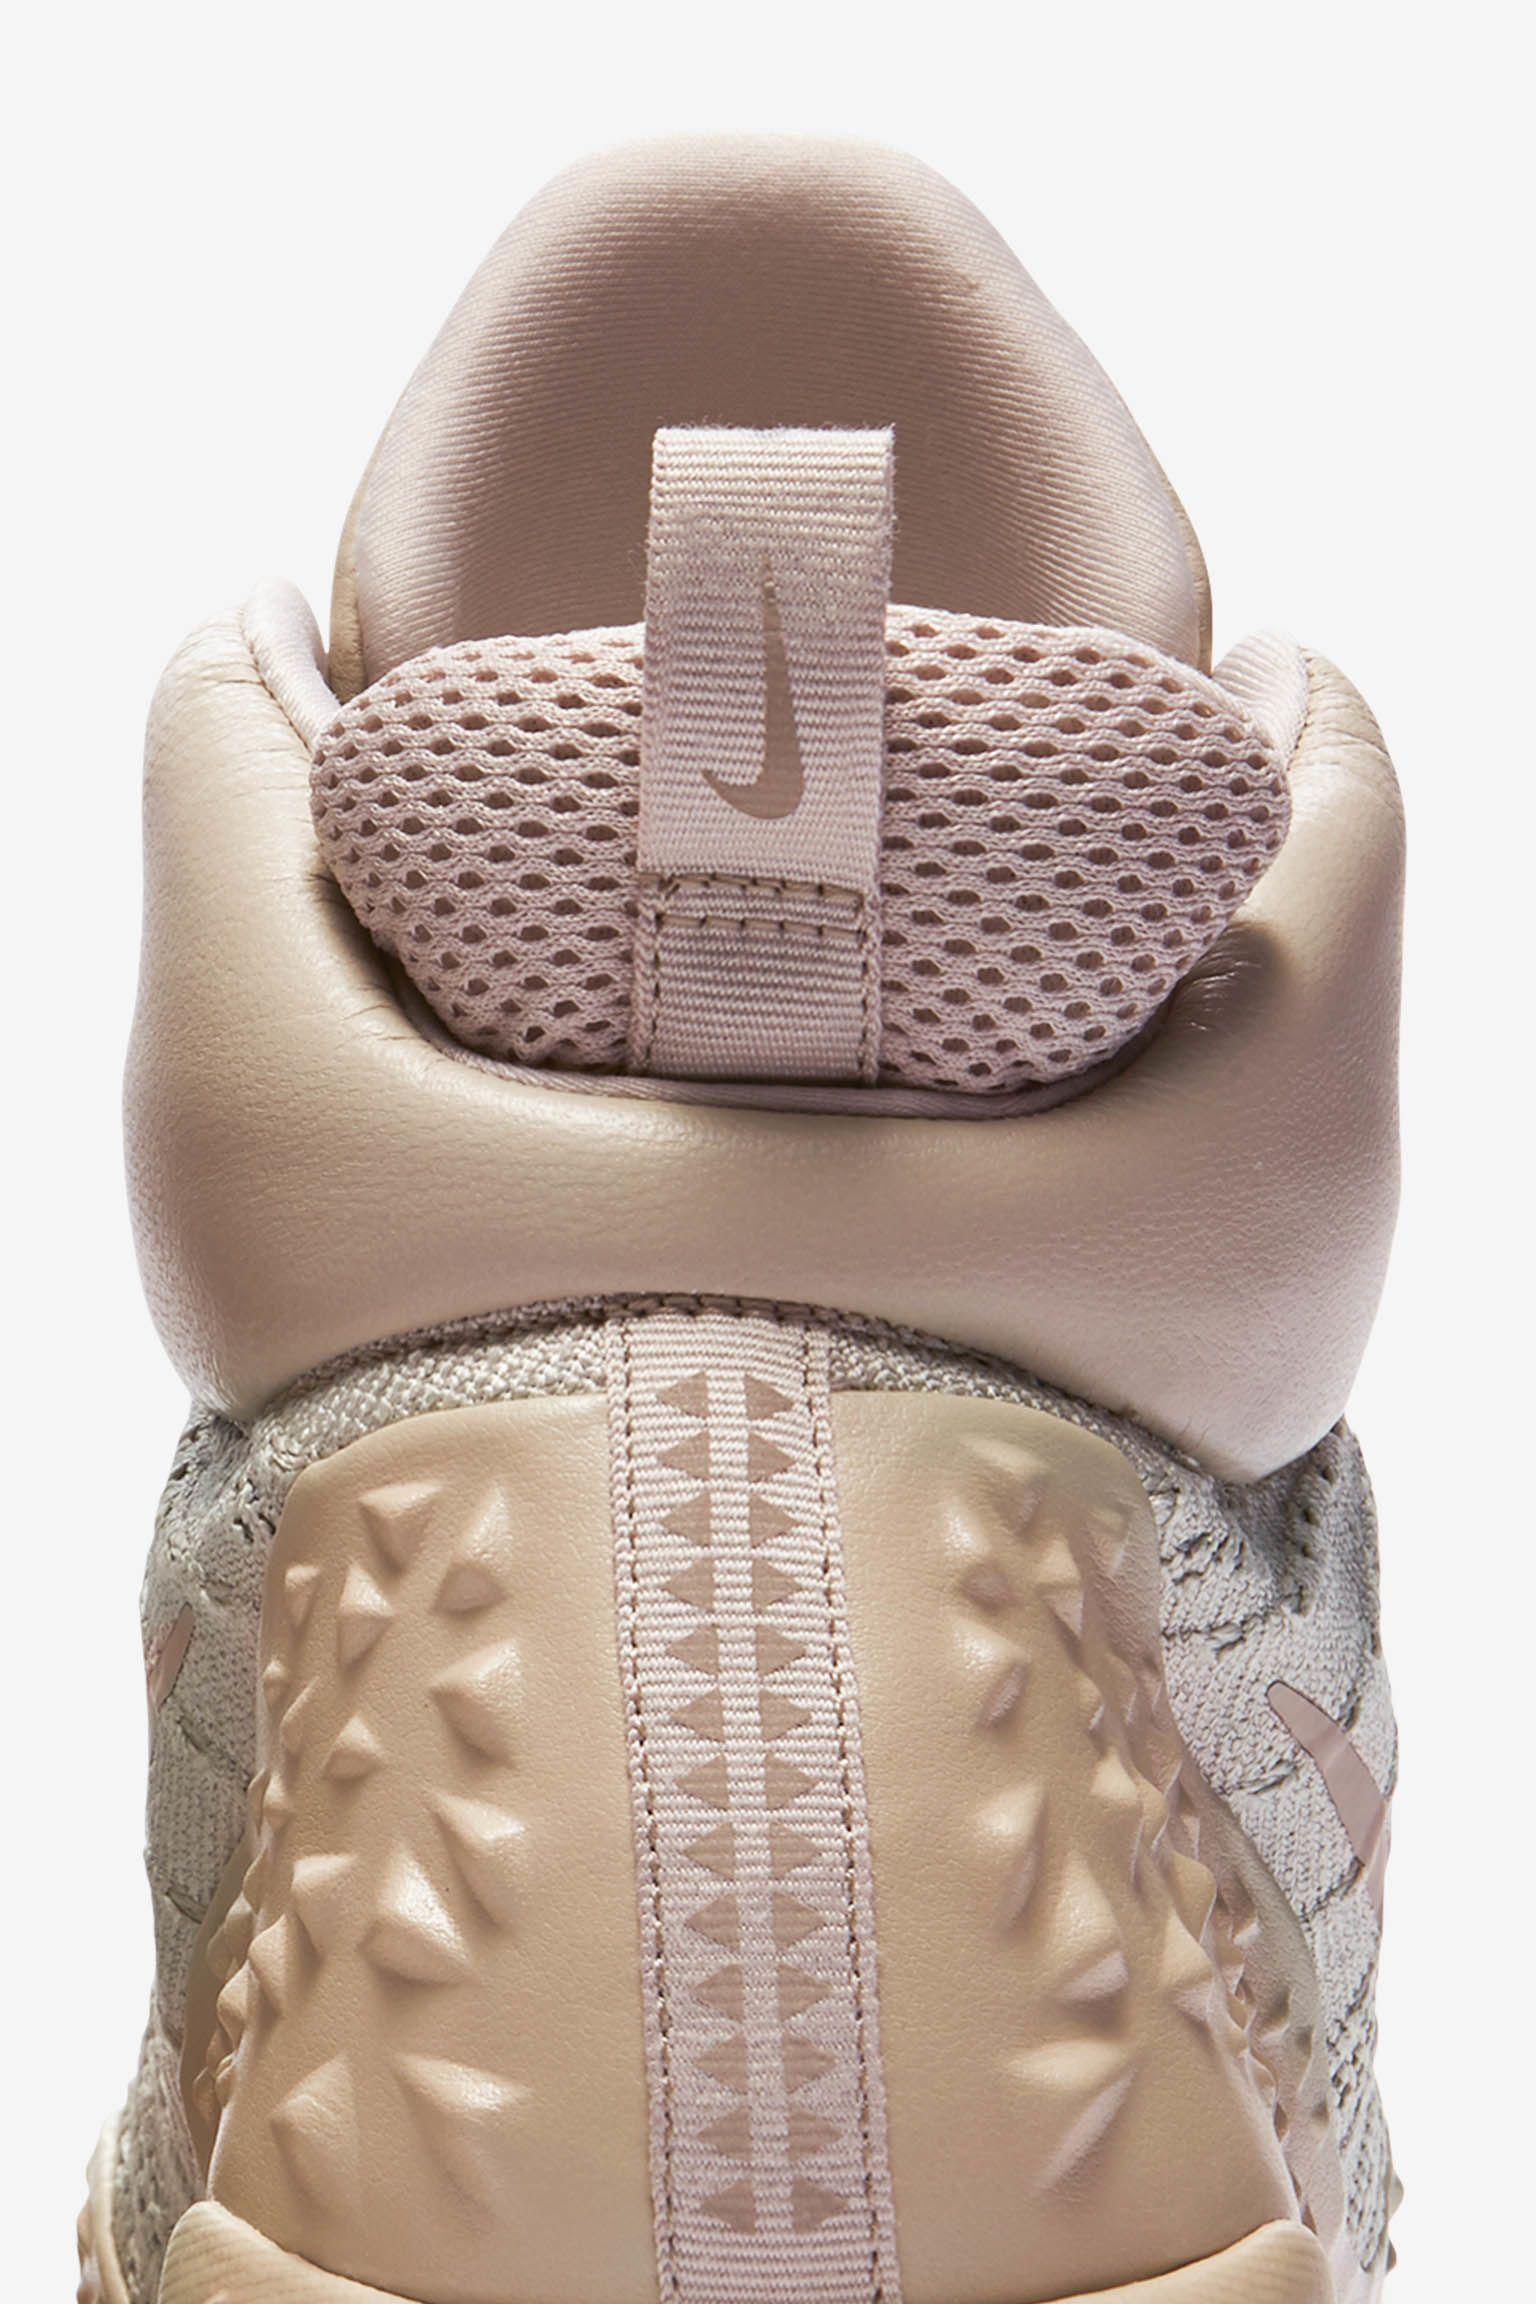 Women's Nike Lupinek Flyknit 'String & Light bone'. Release Date